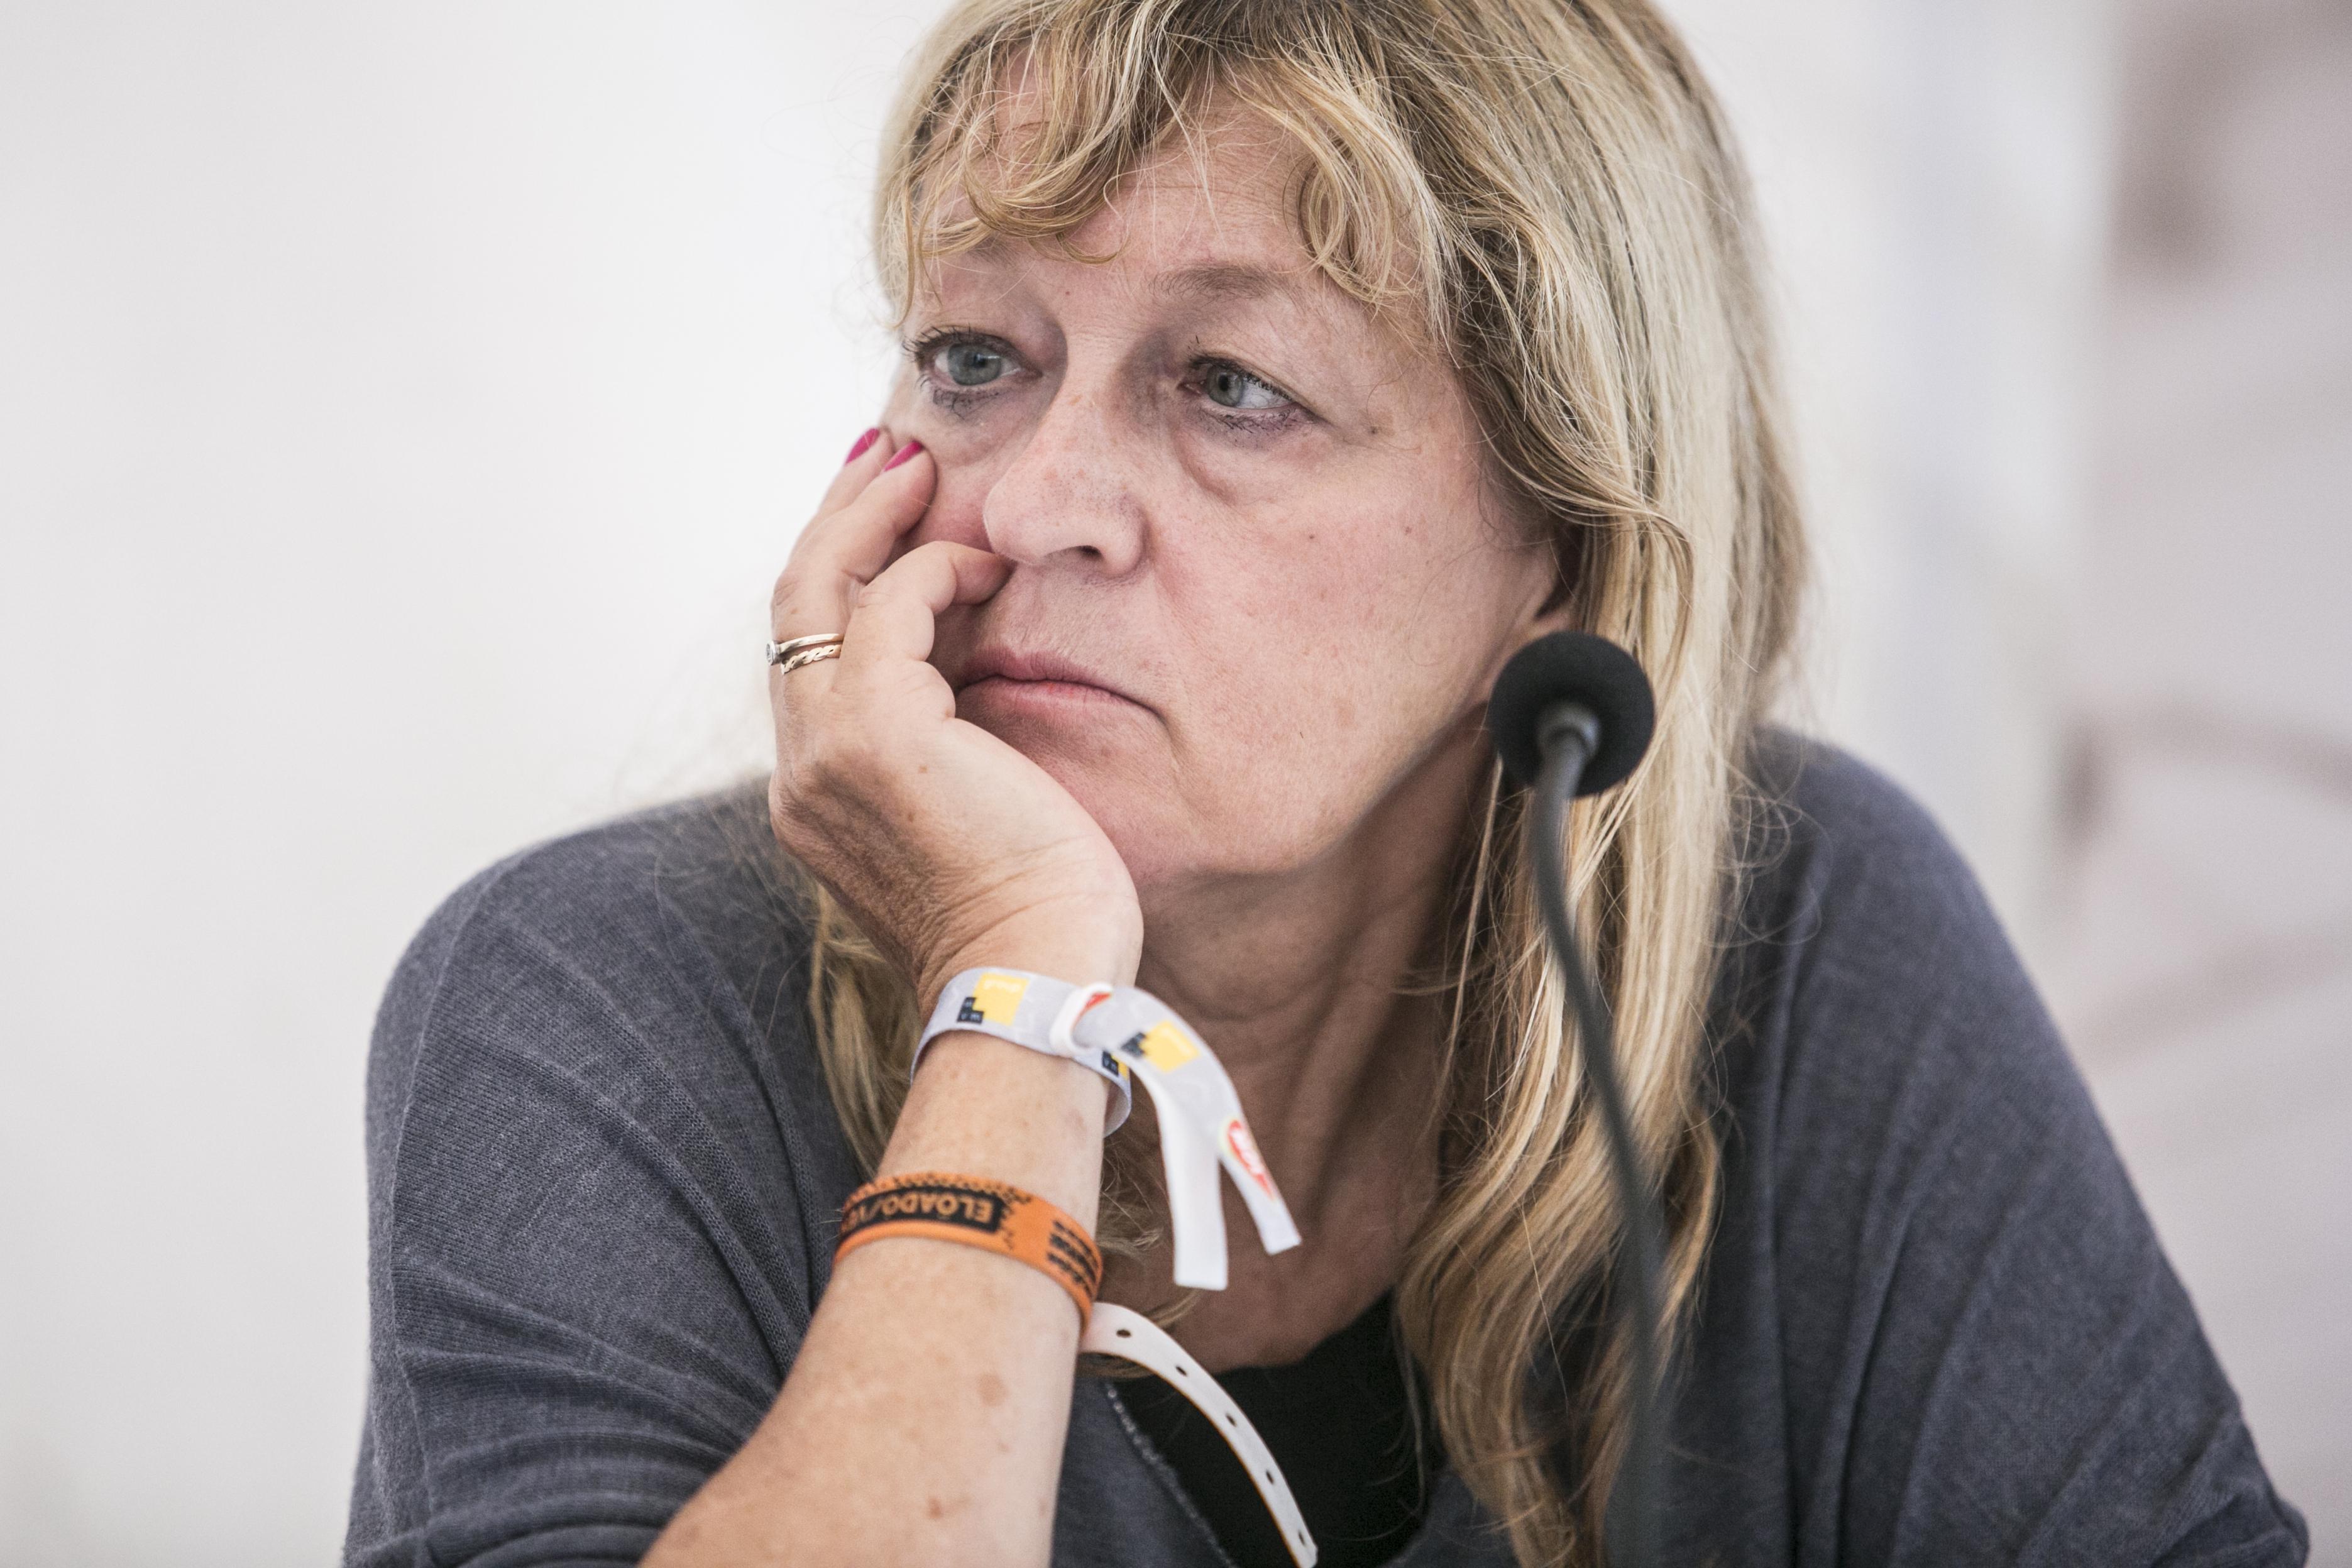 Még egy elütés is keresztbe tett Schmidt Mária emlékévének